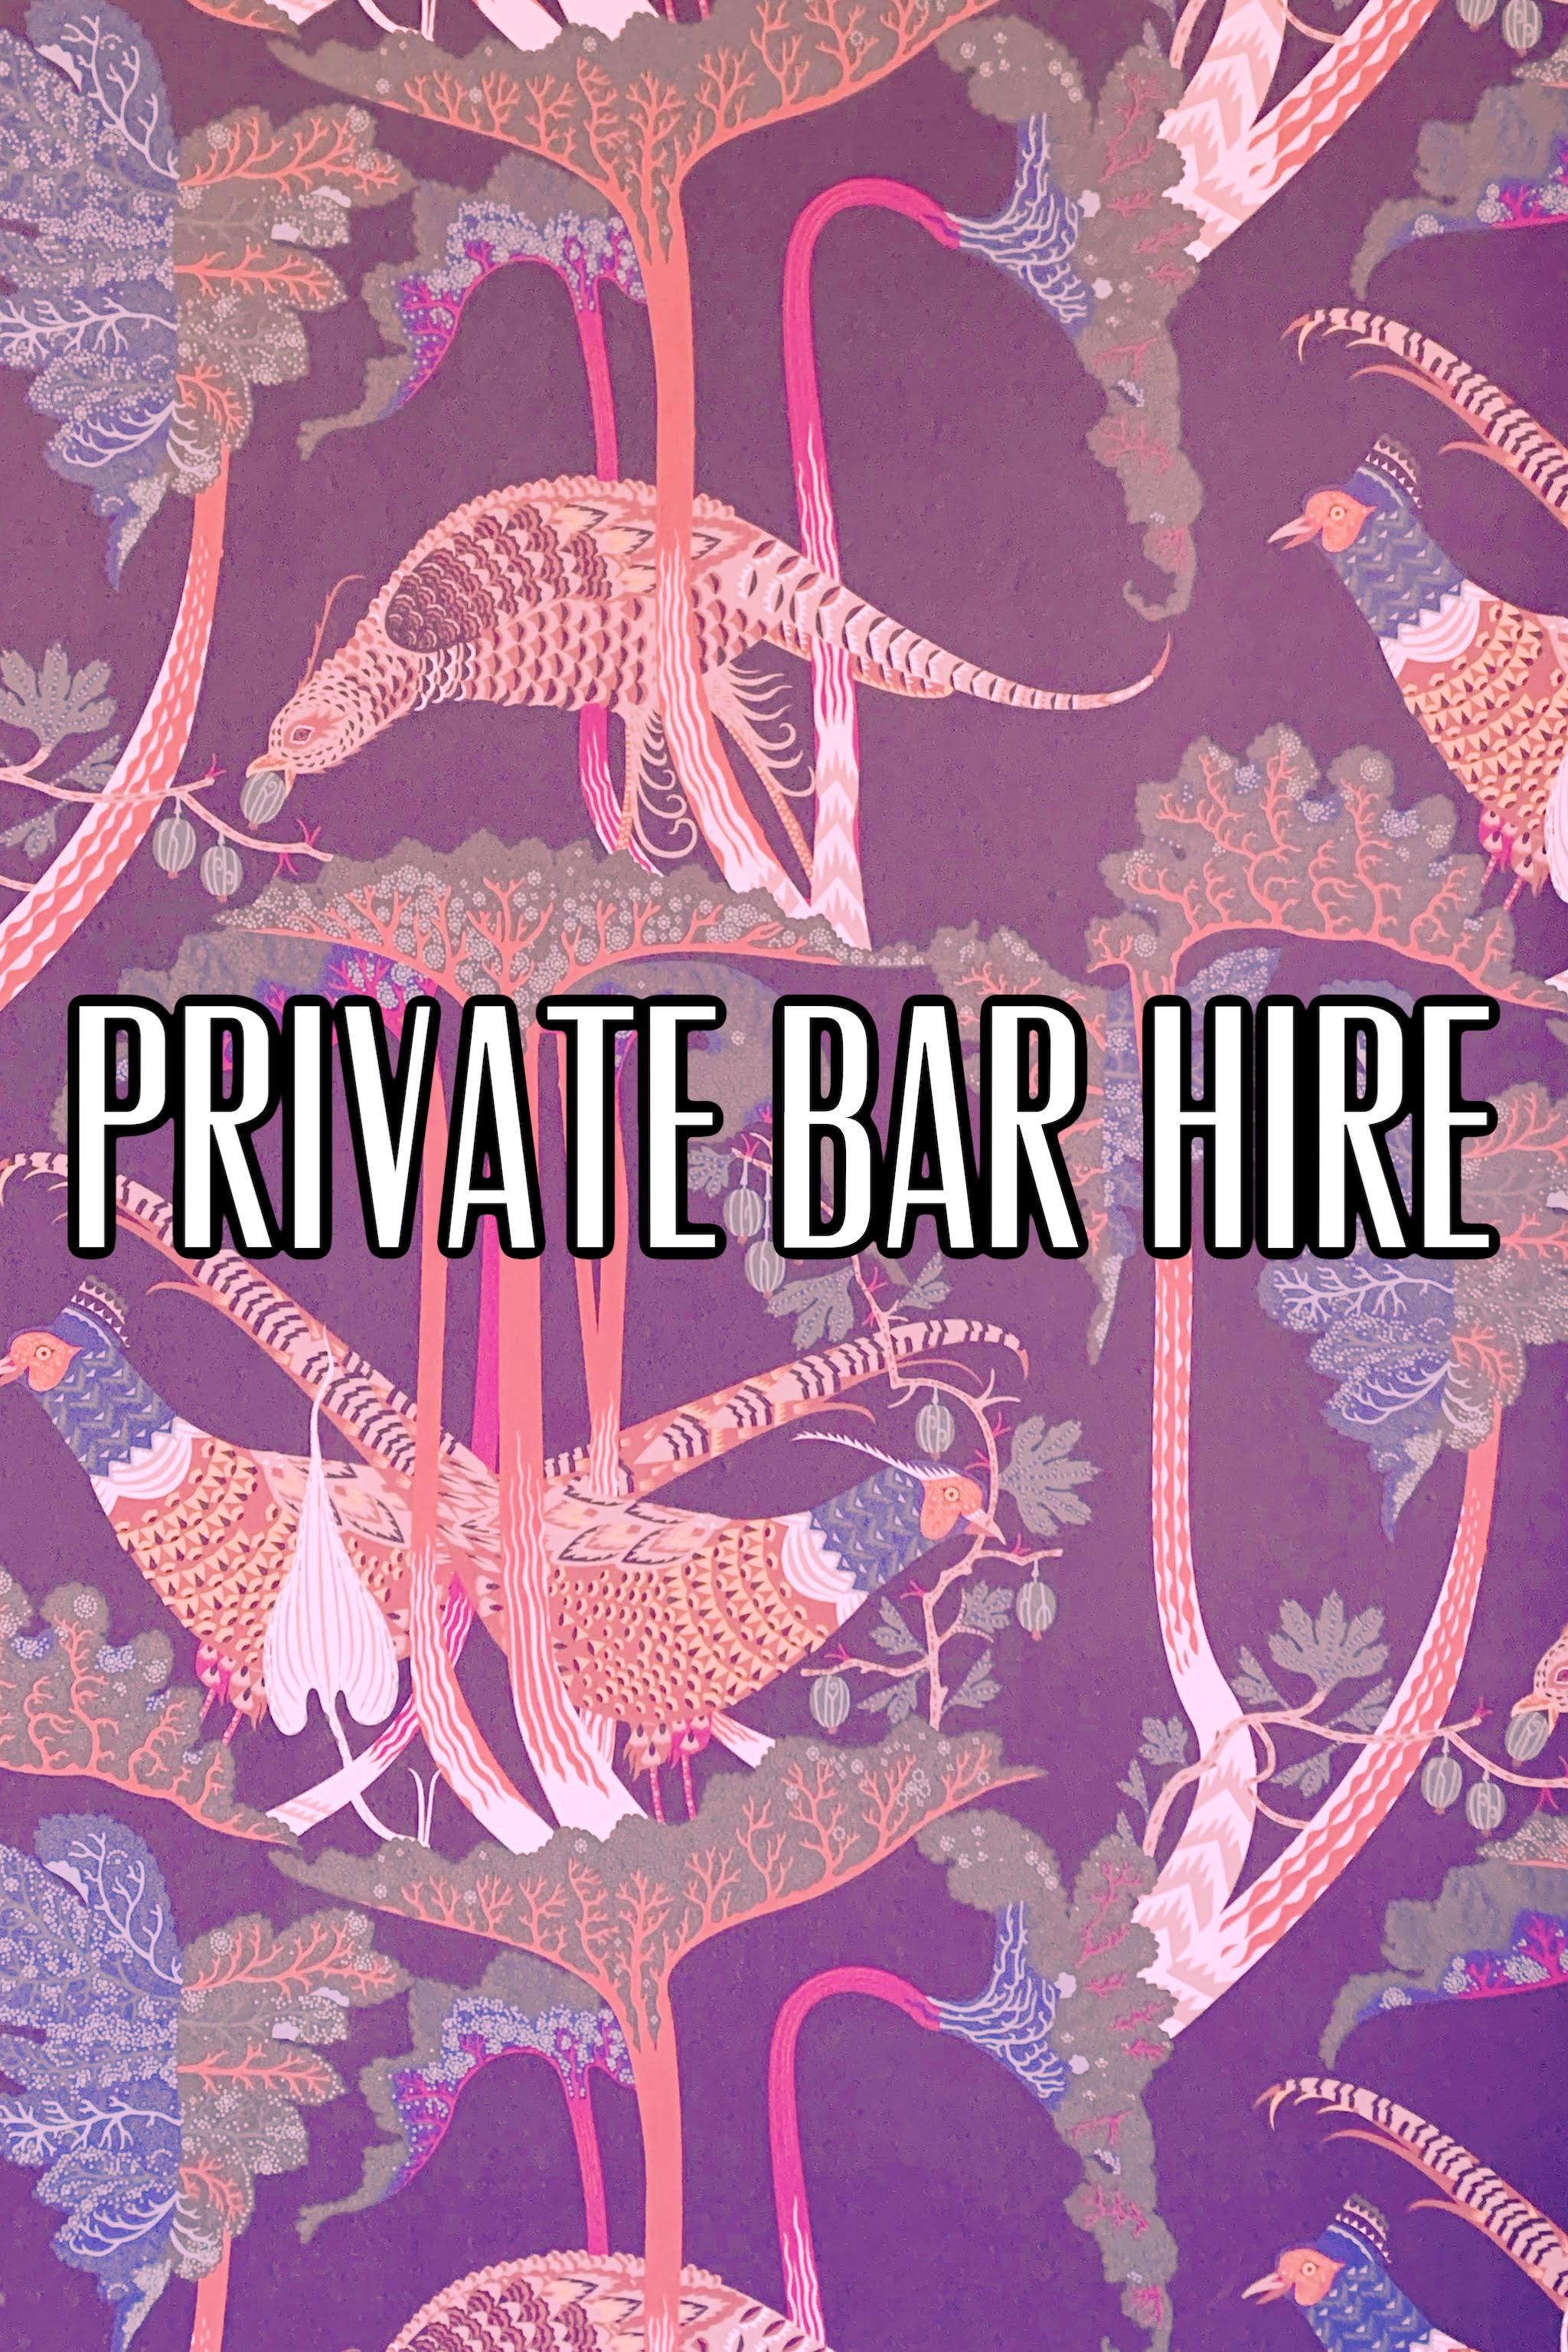 Private Bar Hire